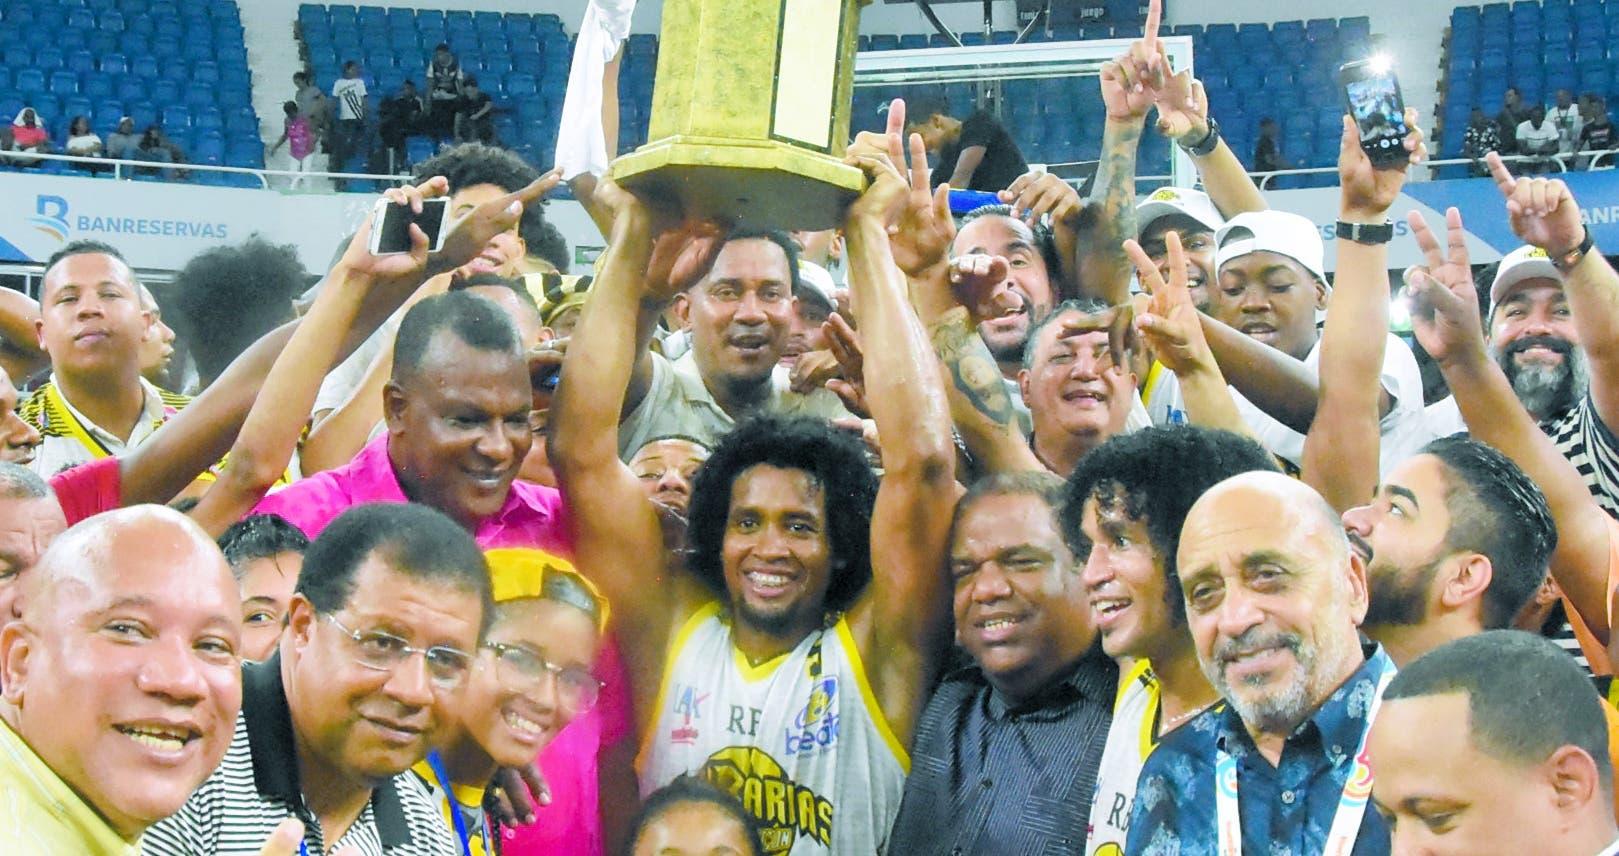 Los jugadores del club Rafael Barias celebran con el trofeo luego del triunfo de ayer frente al Mauricio Báez. Alberto Calvo